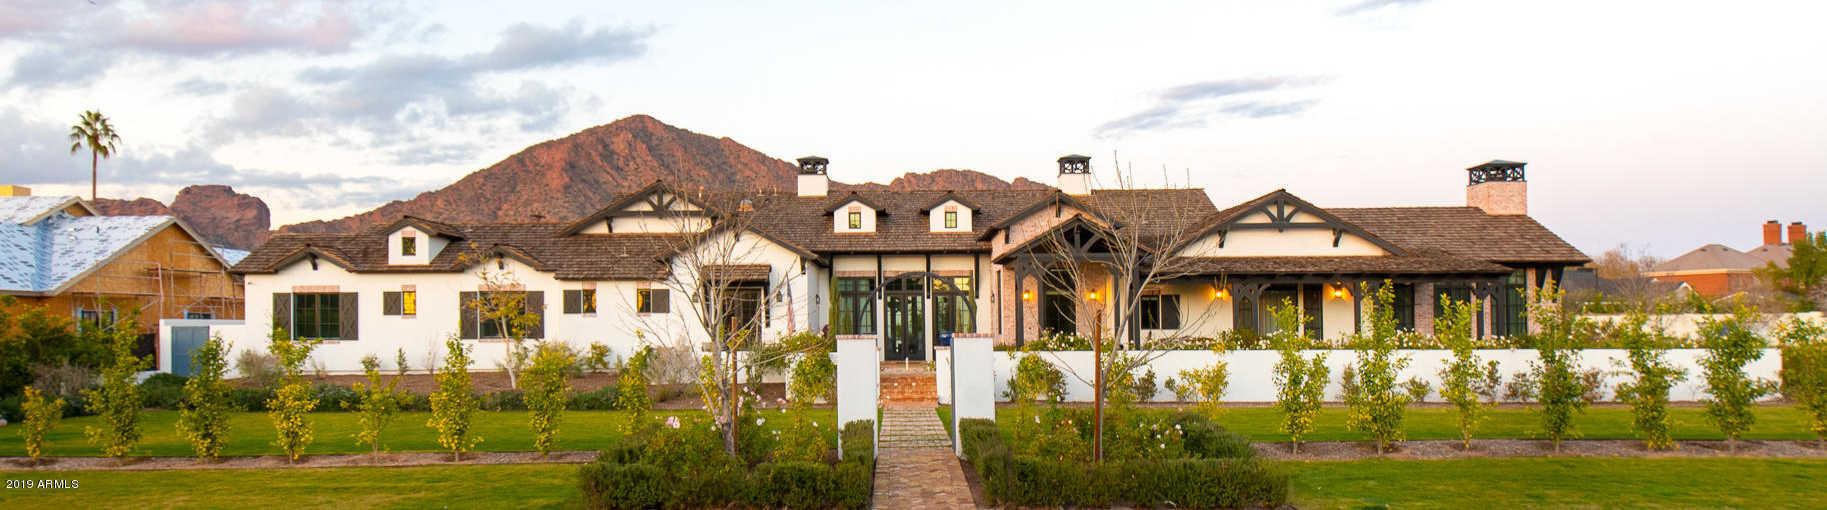 $3,395,000 - 5Br/7Ba - Home for Sale in Del Ray Estates 3, Phoenix